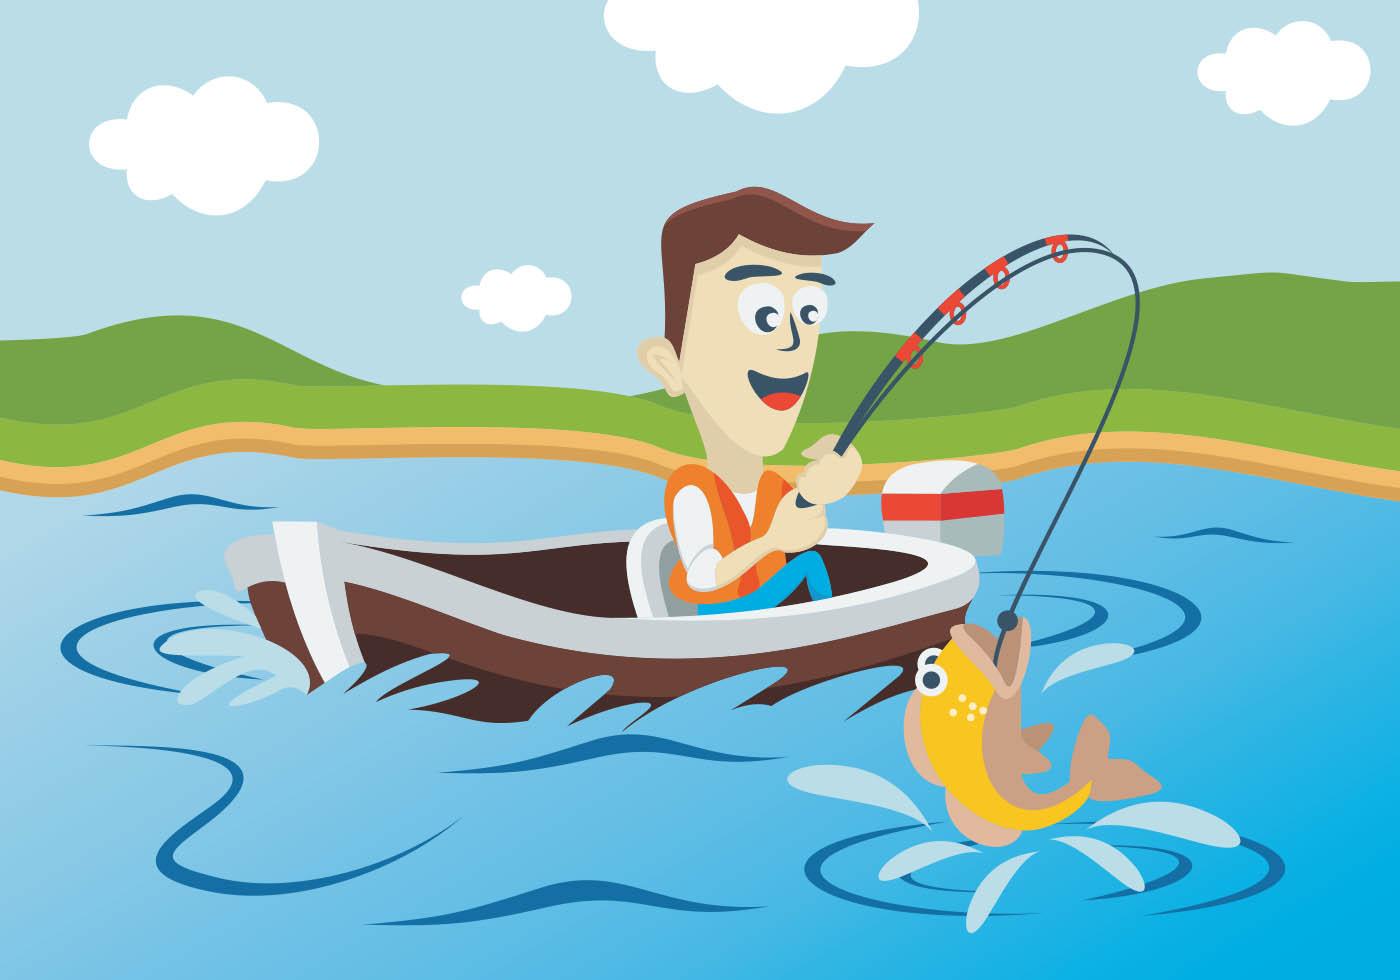 рыбалка картинки мультяшные когда это